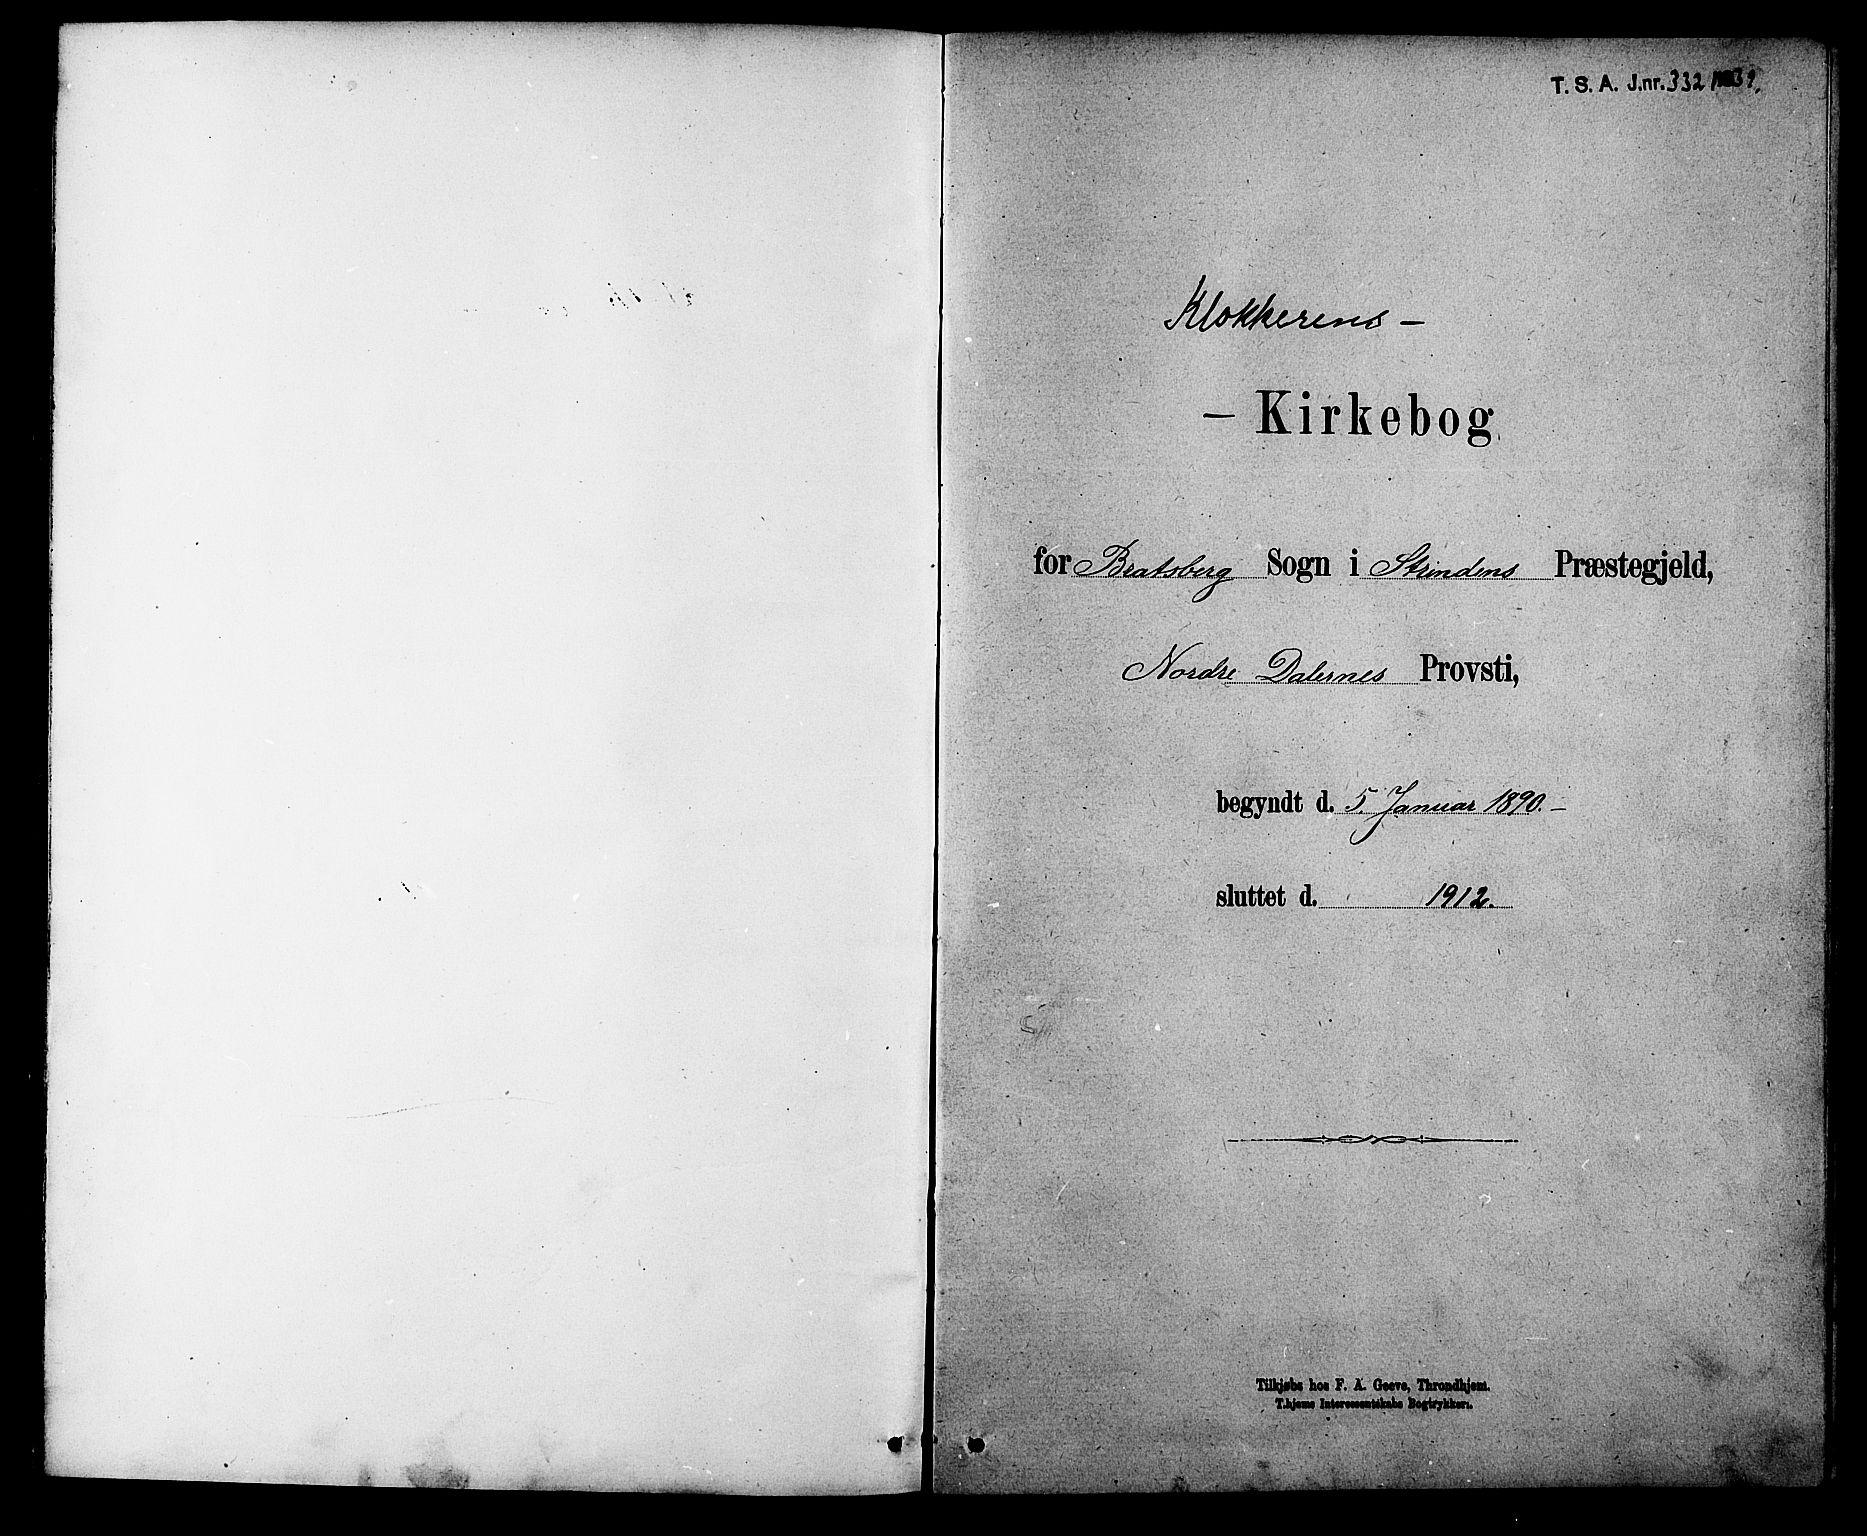 SAT, Ministerialprotokoller, klokkerbøker og fødselsregistre - Sør-Trøndelag, 608/L0341: Klokkerbok nr. 608C07, 1890-1912